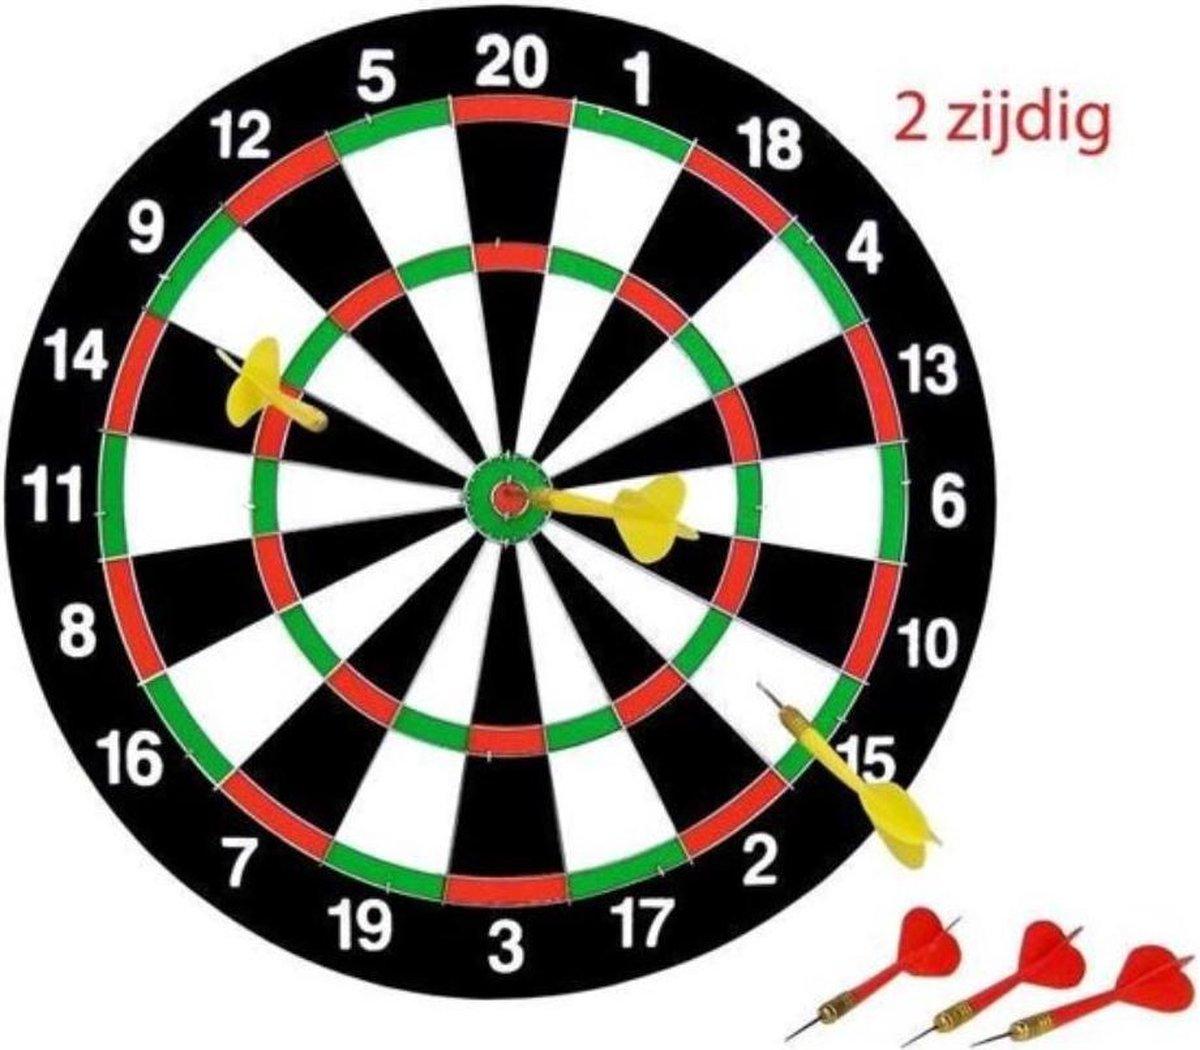 Dartspel 38 cm met ophanghaak en 3 x pijltjes geel en 3 x pijltjes rood